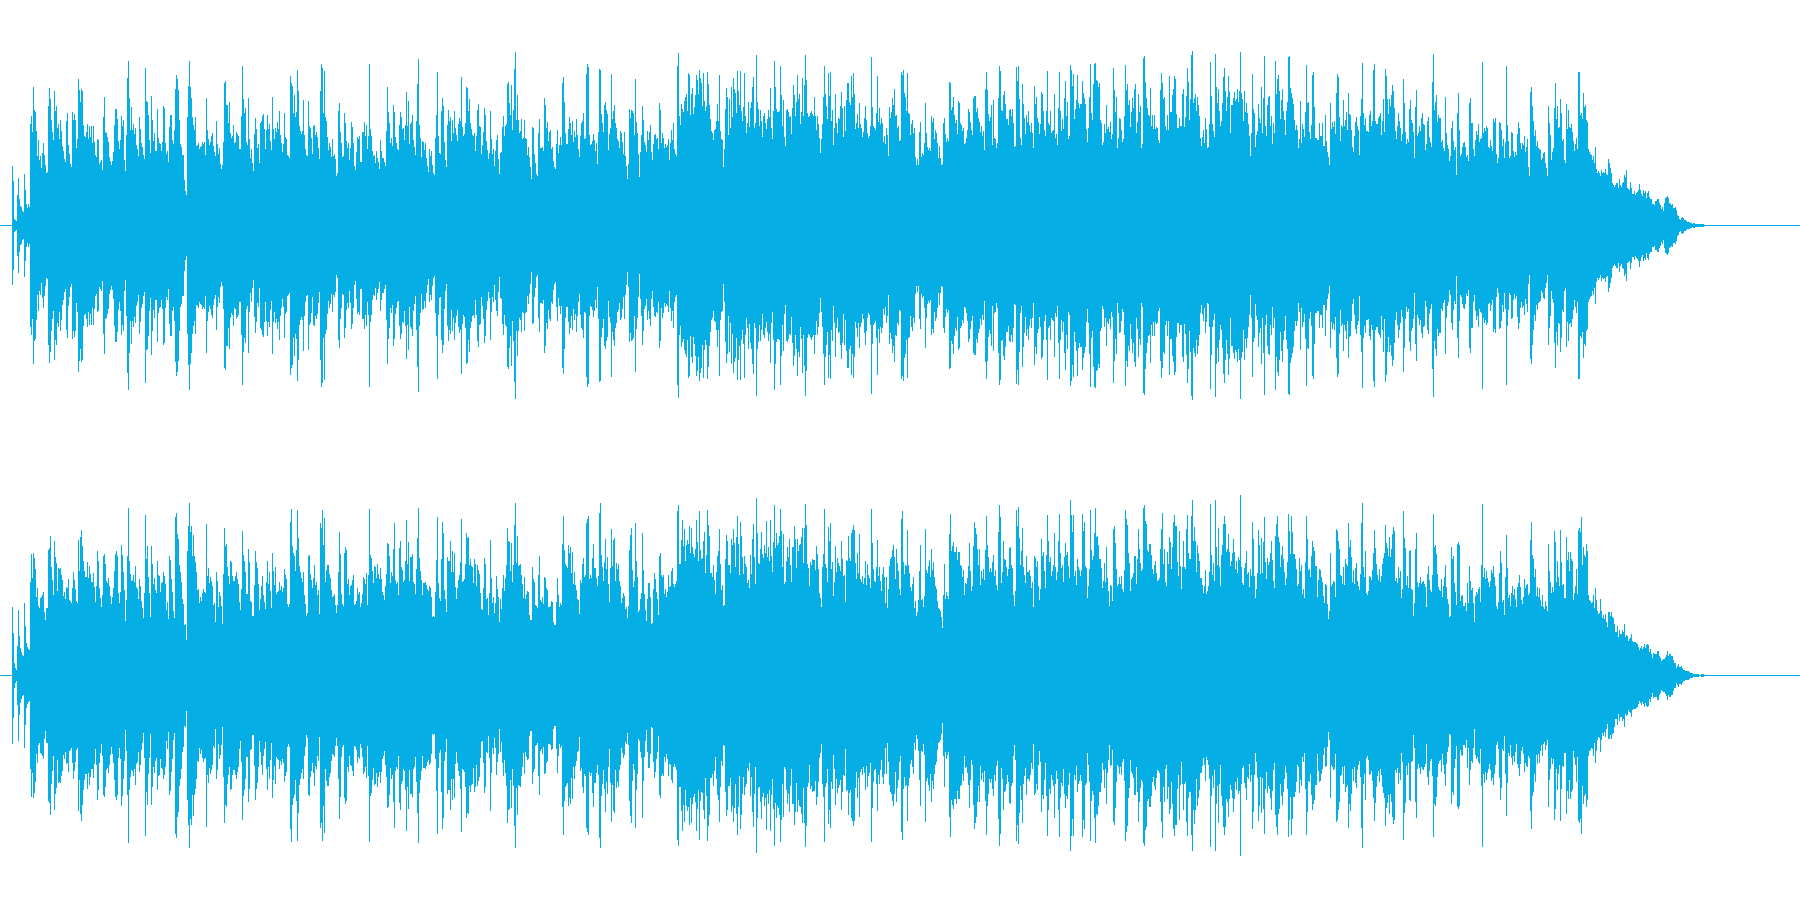 午後の演出向けボサノバ・ミュージックの再生済みの波形